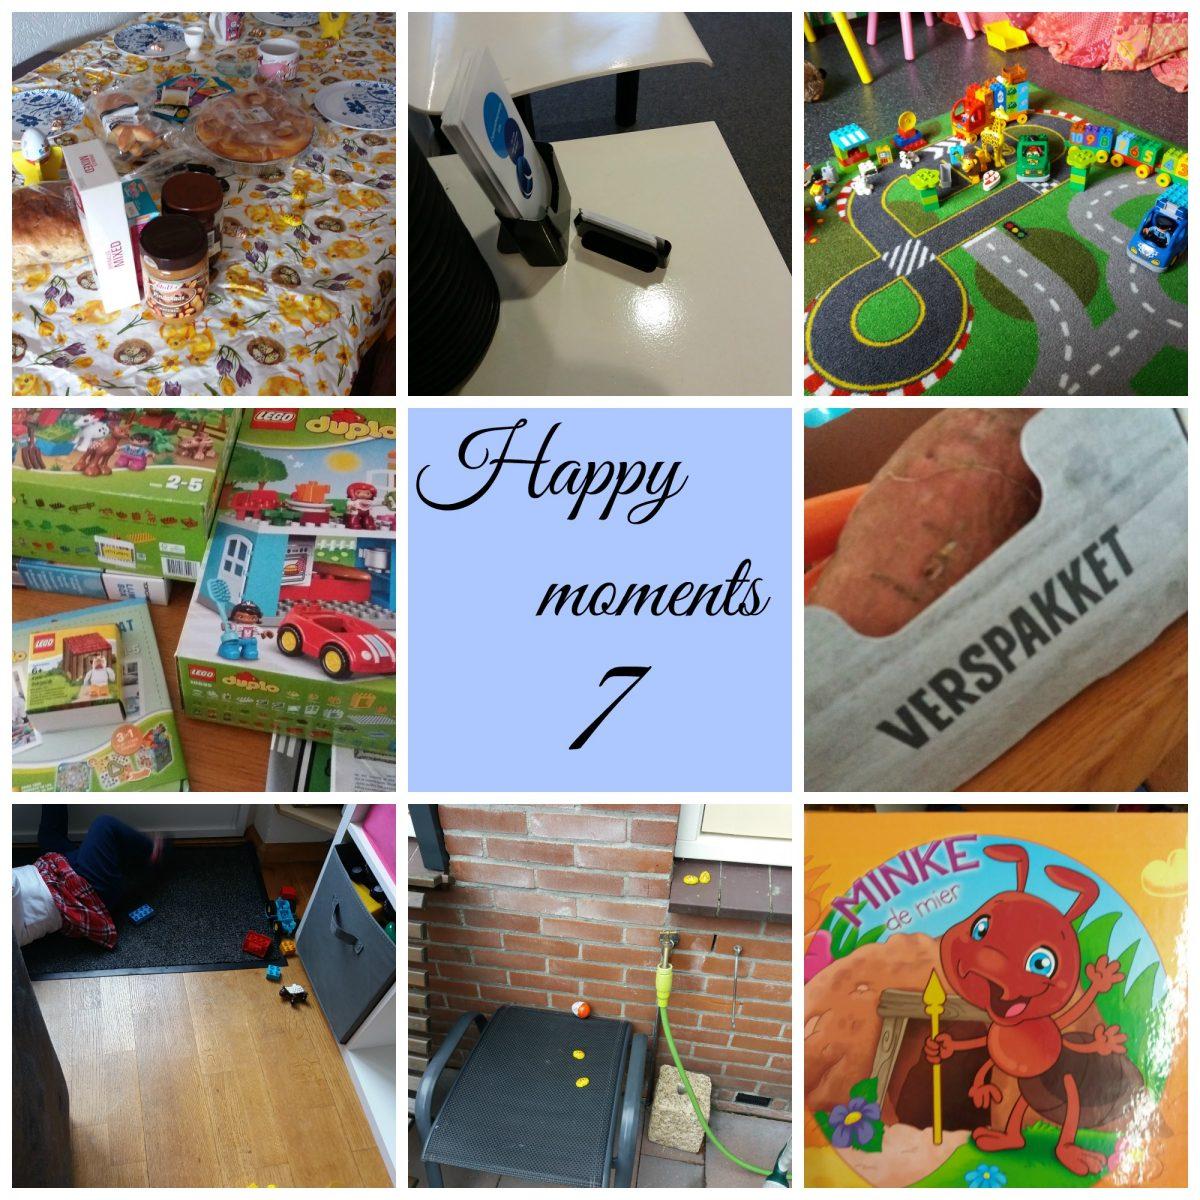 Happy moments: Pasen, bijkomen en genieten samen